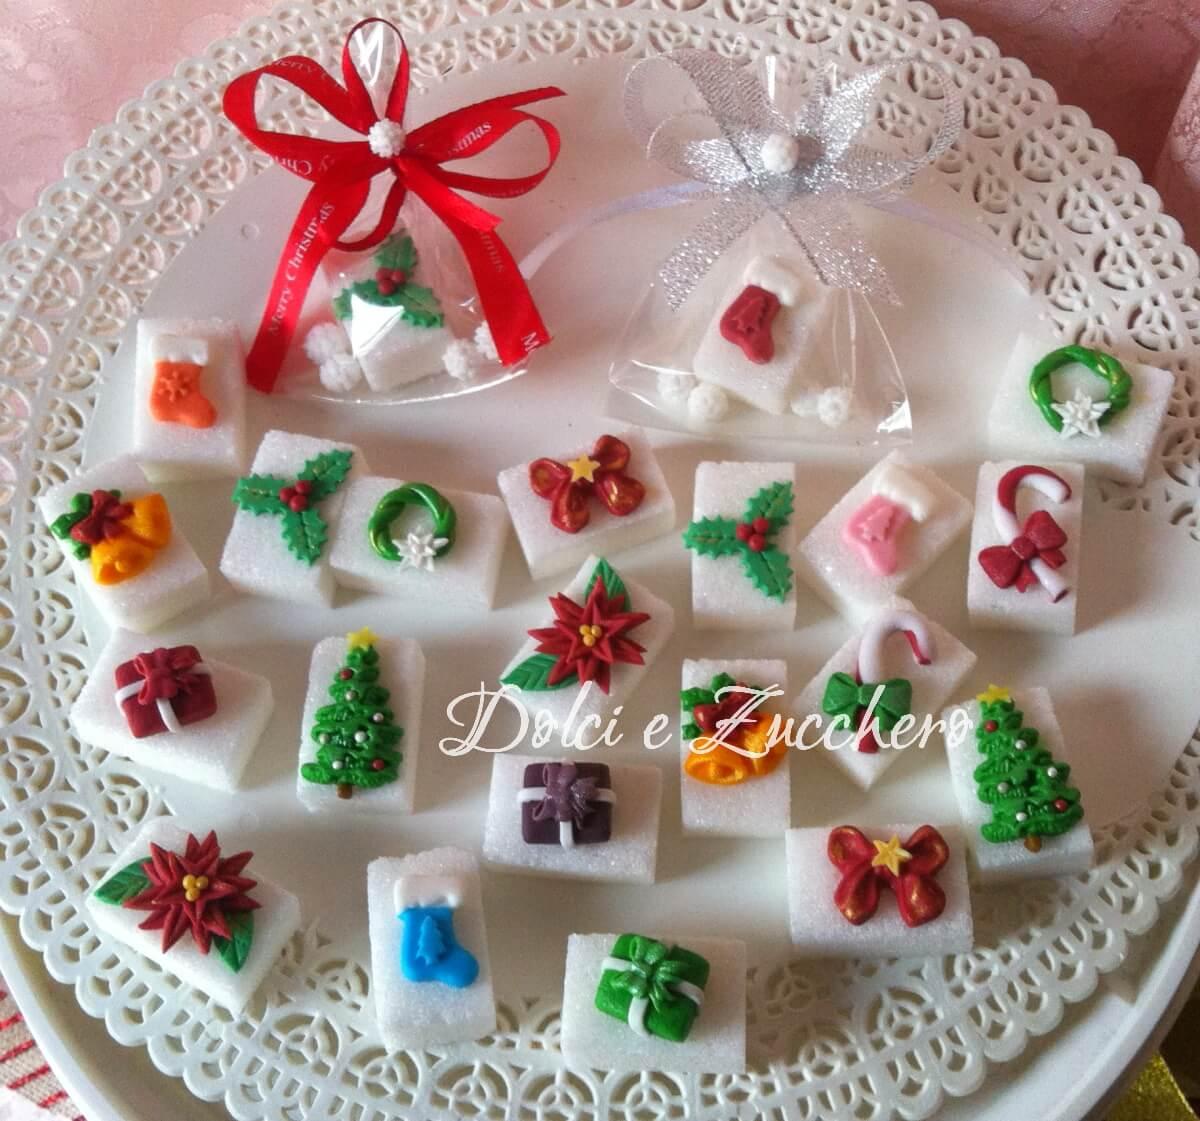 Segnaposto Natalizi Pasta Di Zucchero.Idee Di Natale Di Zucchero Originali Dolci E Zucchero